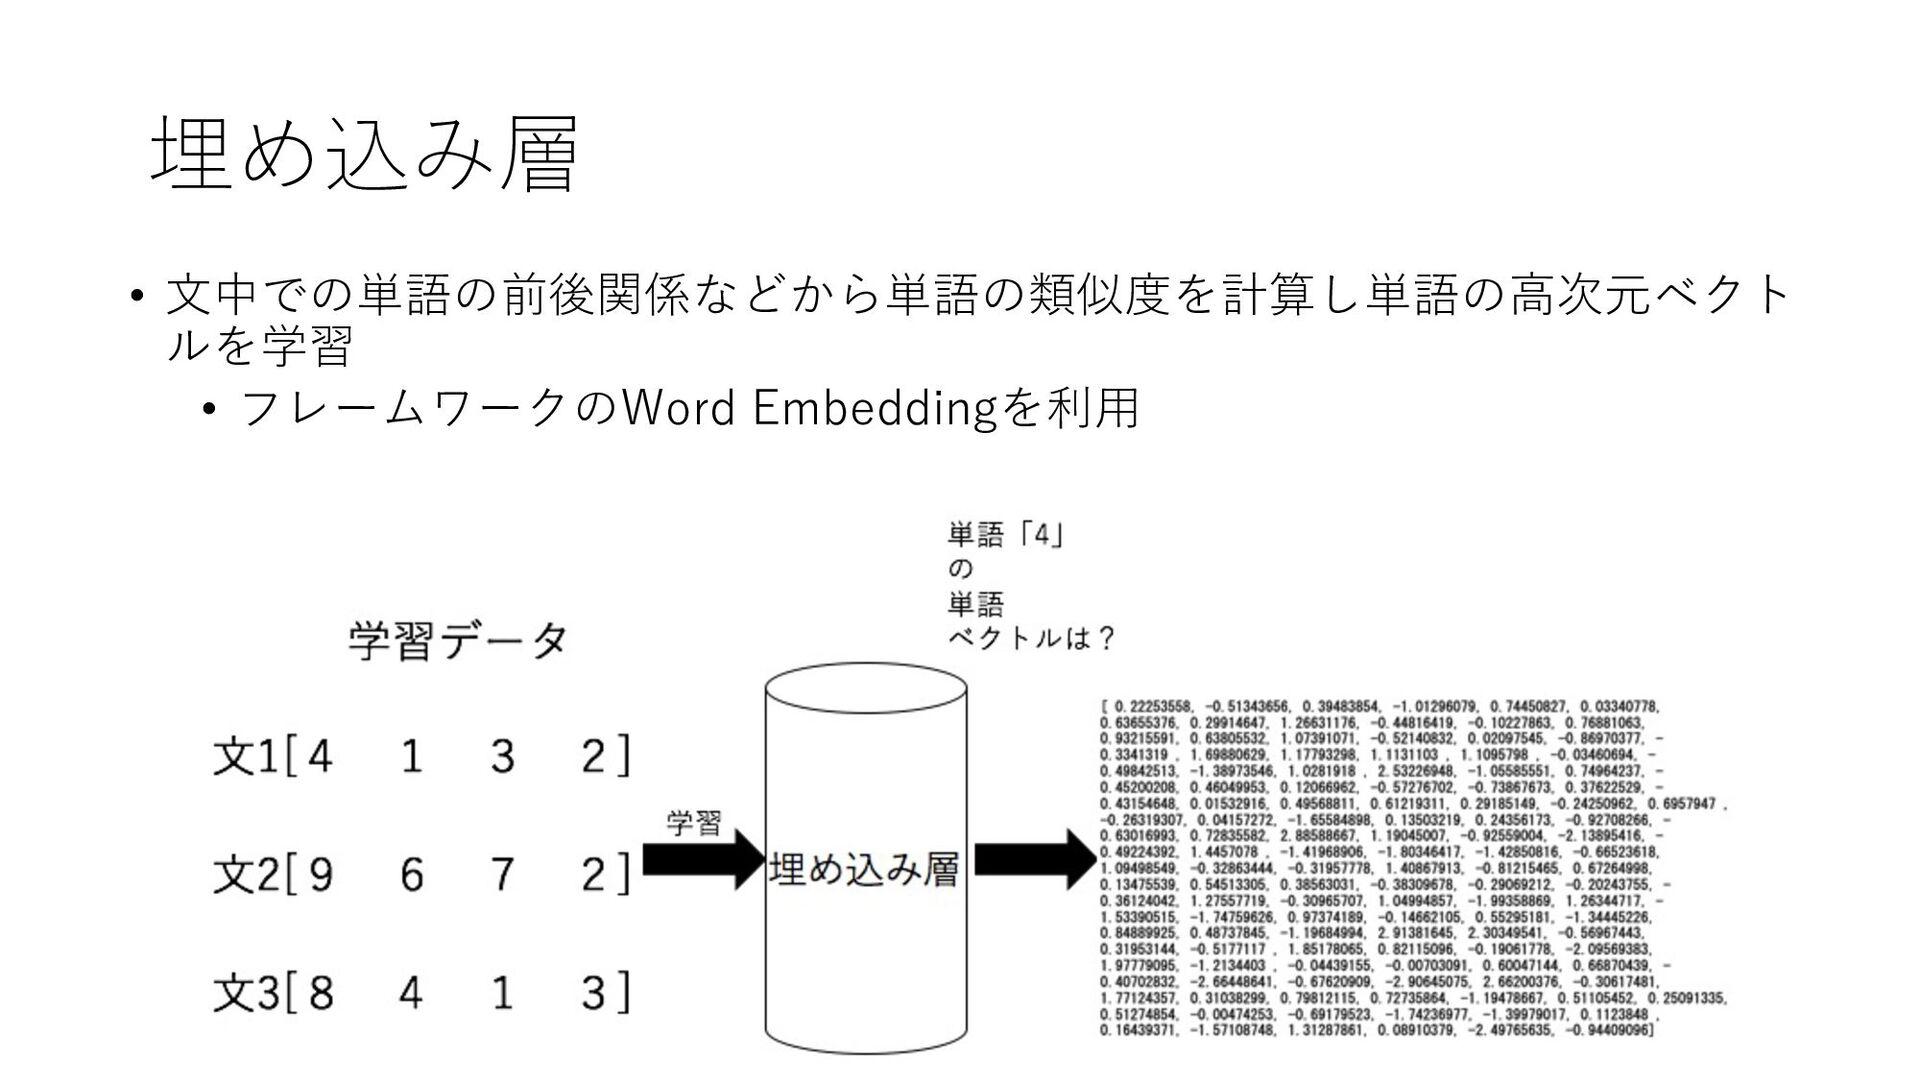 埋め込み層 • ⽂中での単語の前後関係などから単語の類似度を計算し単語の⾼次元ベクト ルを学習...